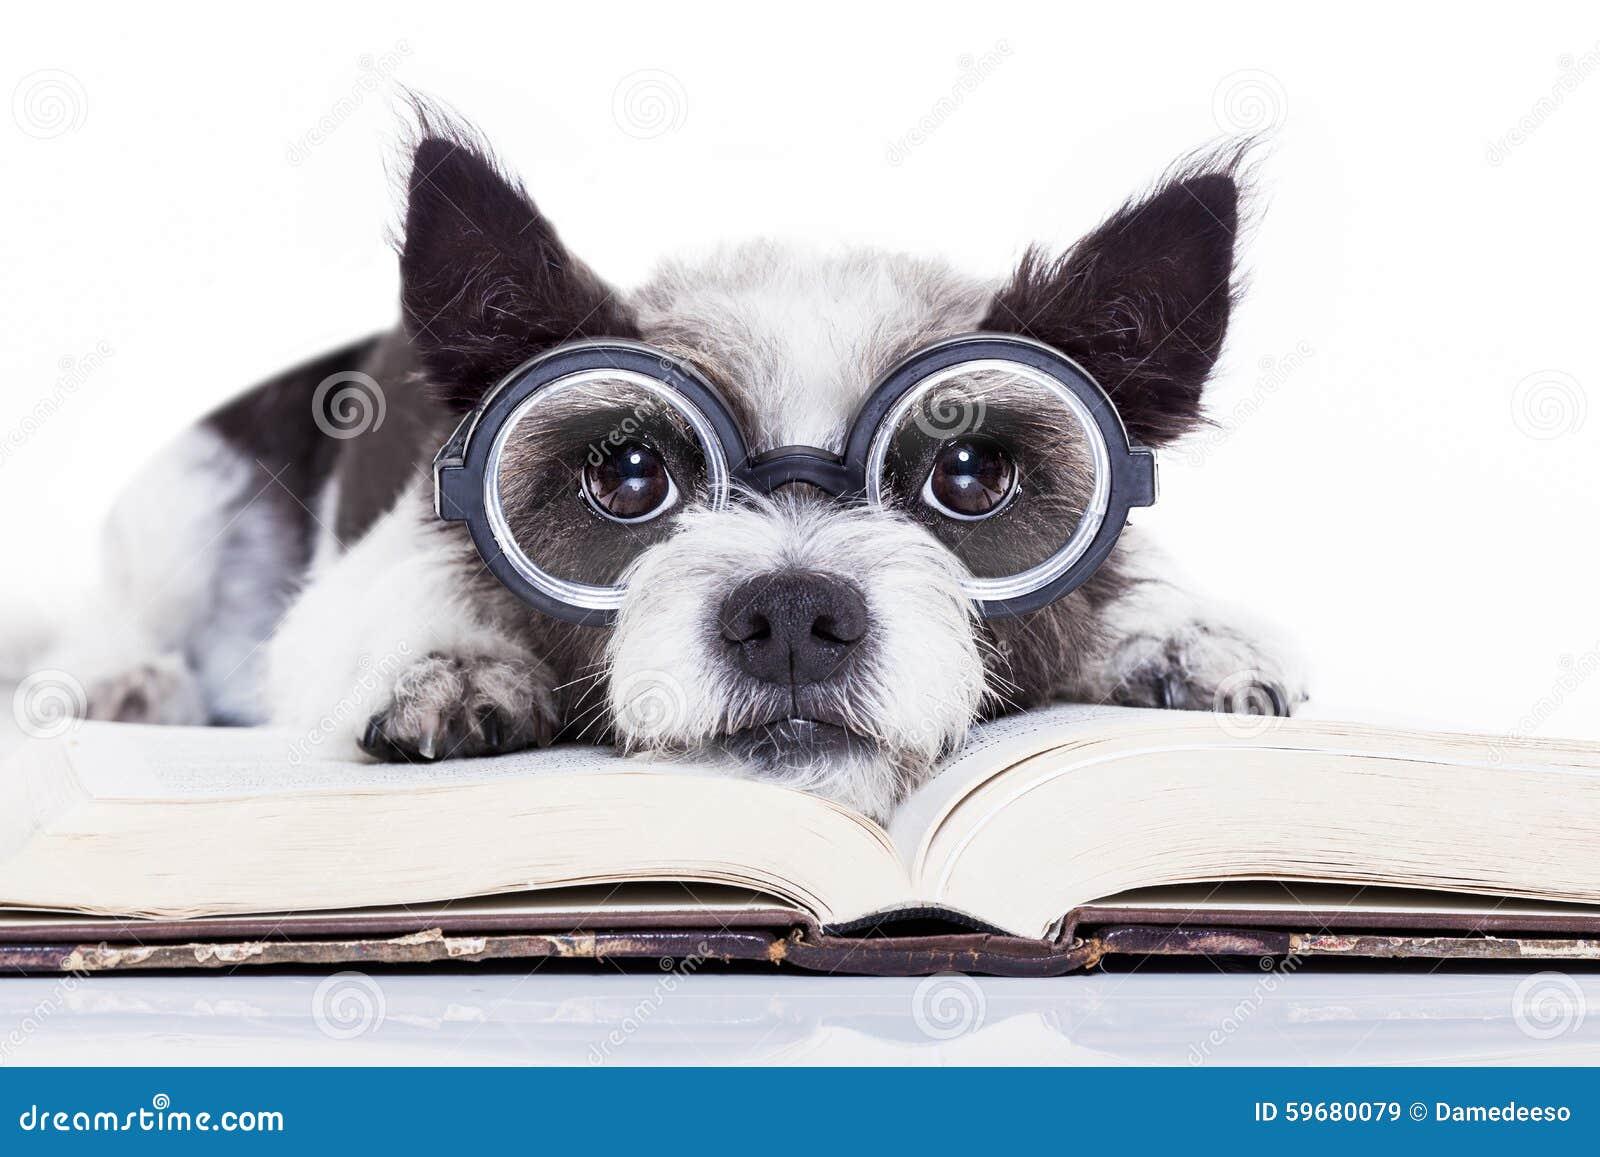 Dog Reading Books Stock Photo - Image: 59680079